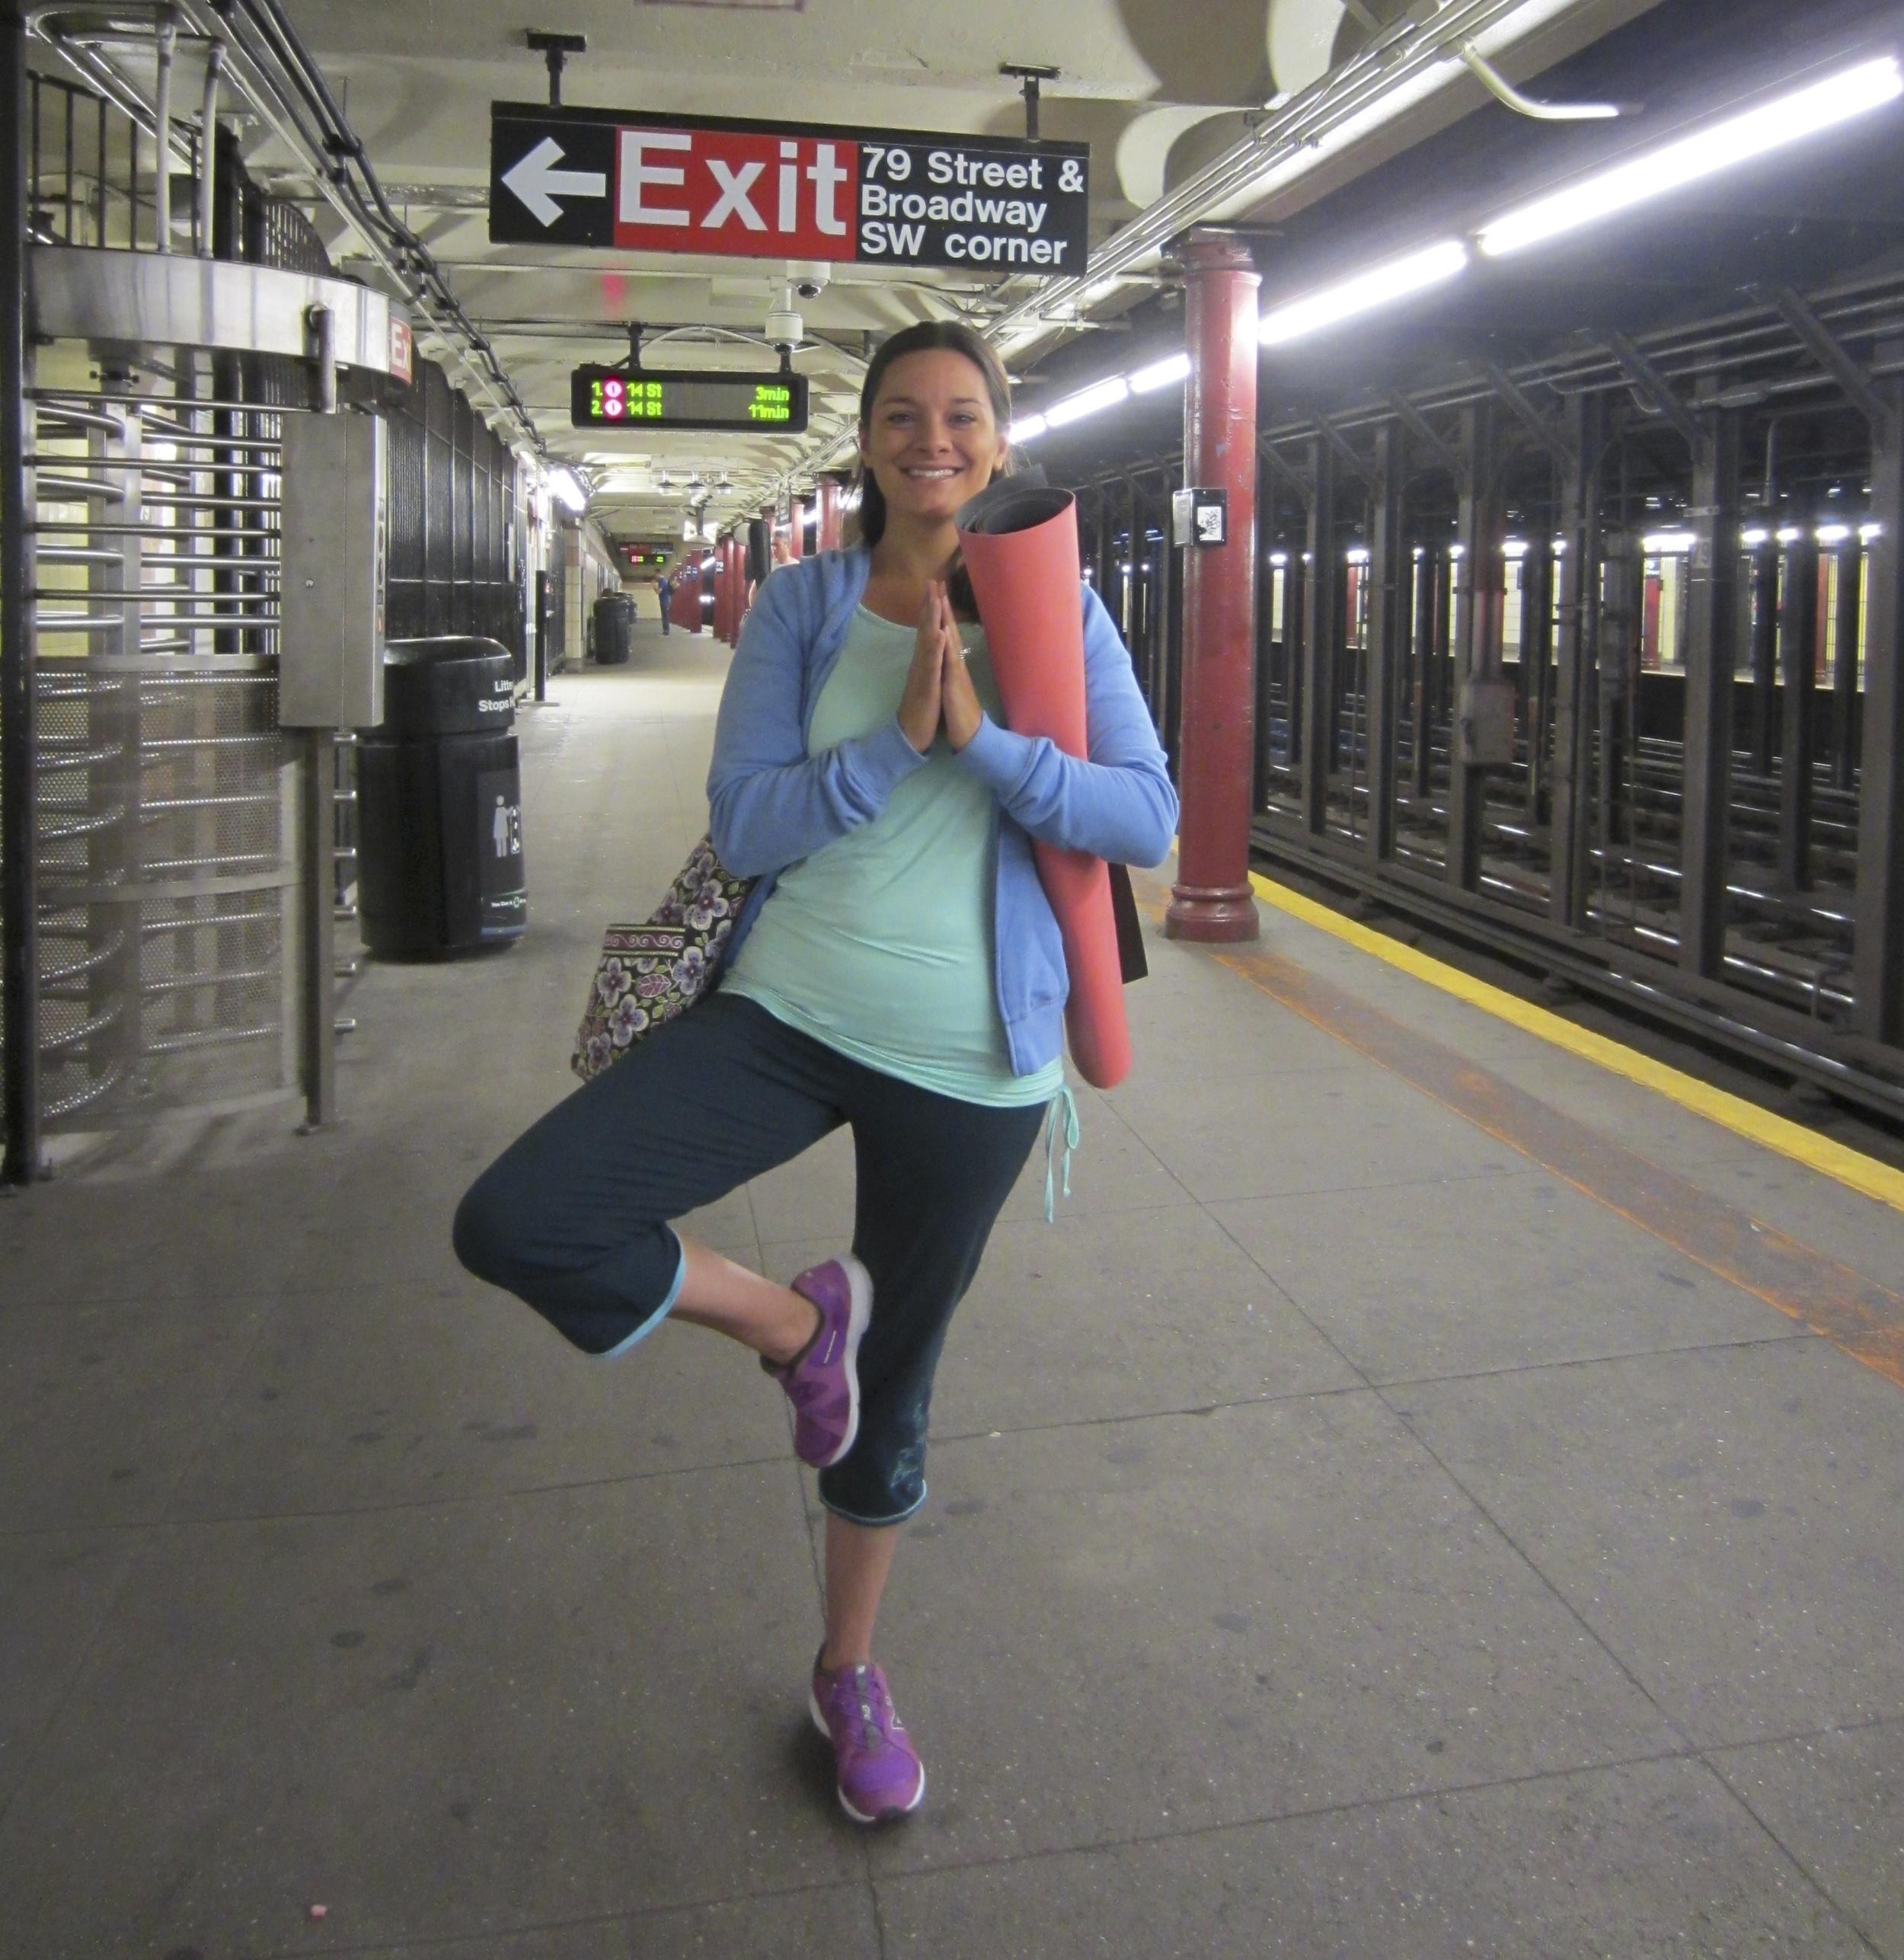 Jessica bustin' a yoga move on the go!